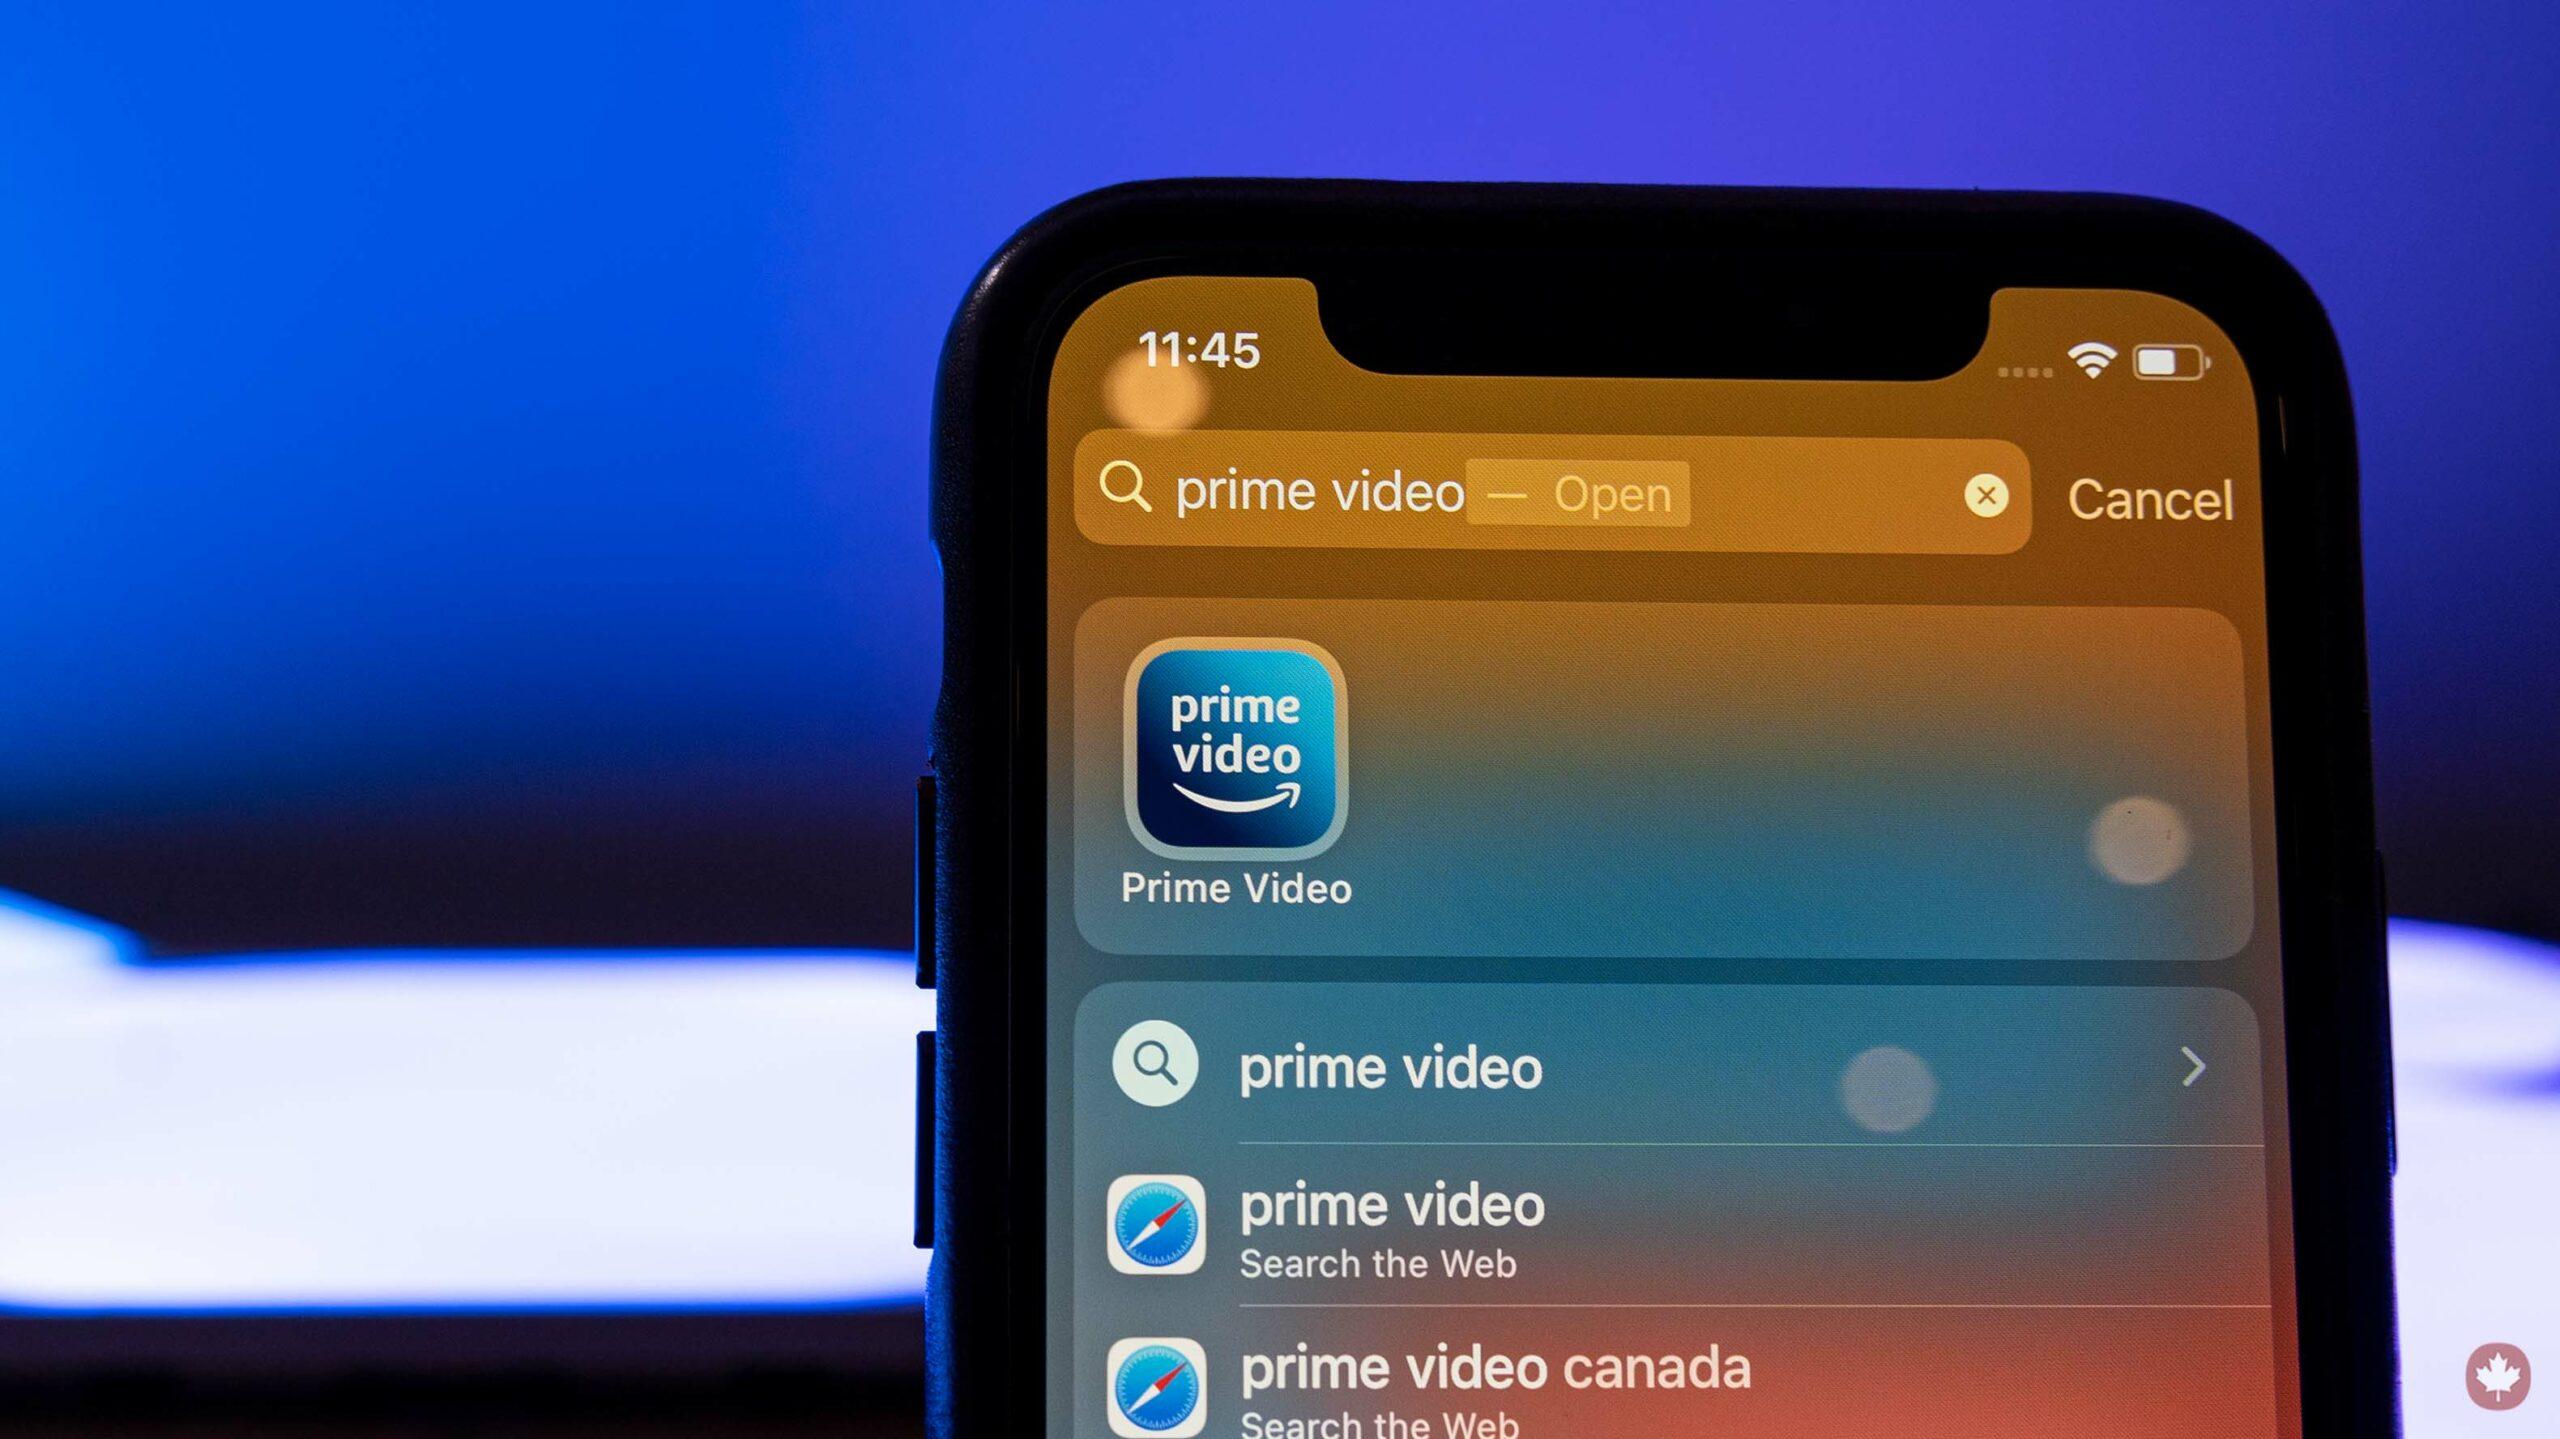 Amazon Prime Video app on iPhone